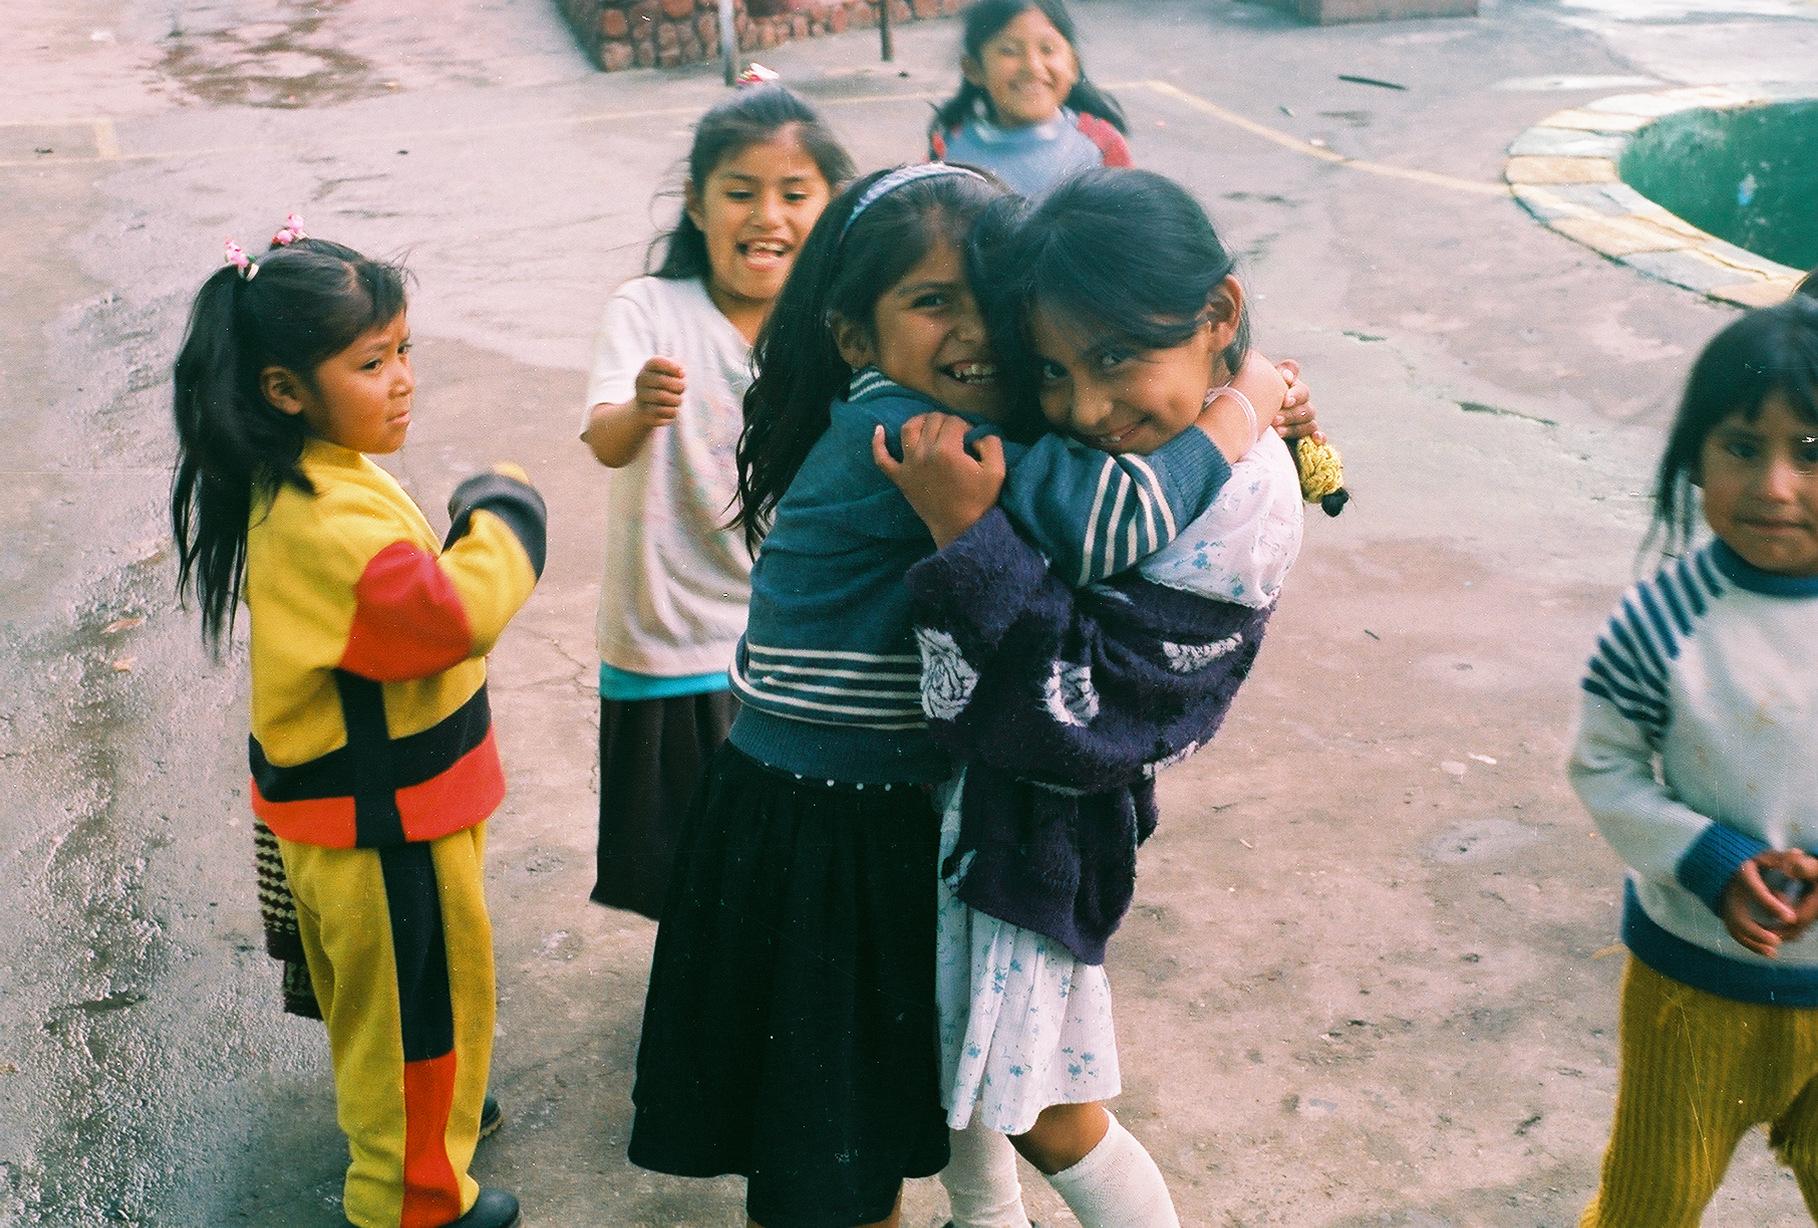 Children in San Pedro Prison, La Paz, Bolivia, 2001